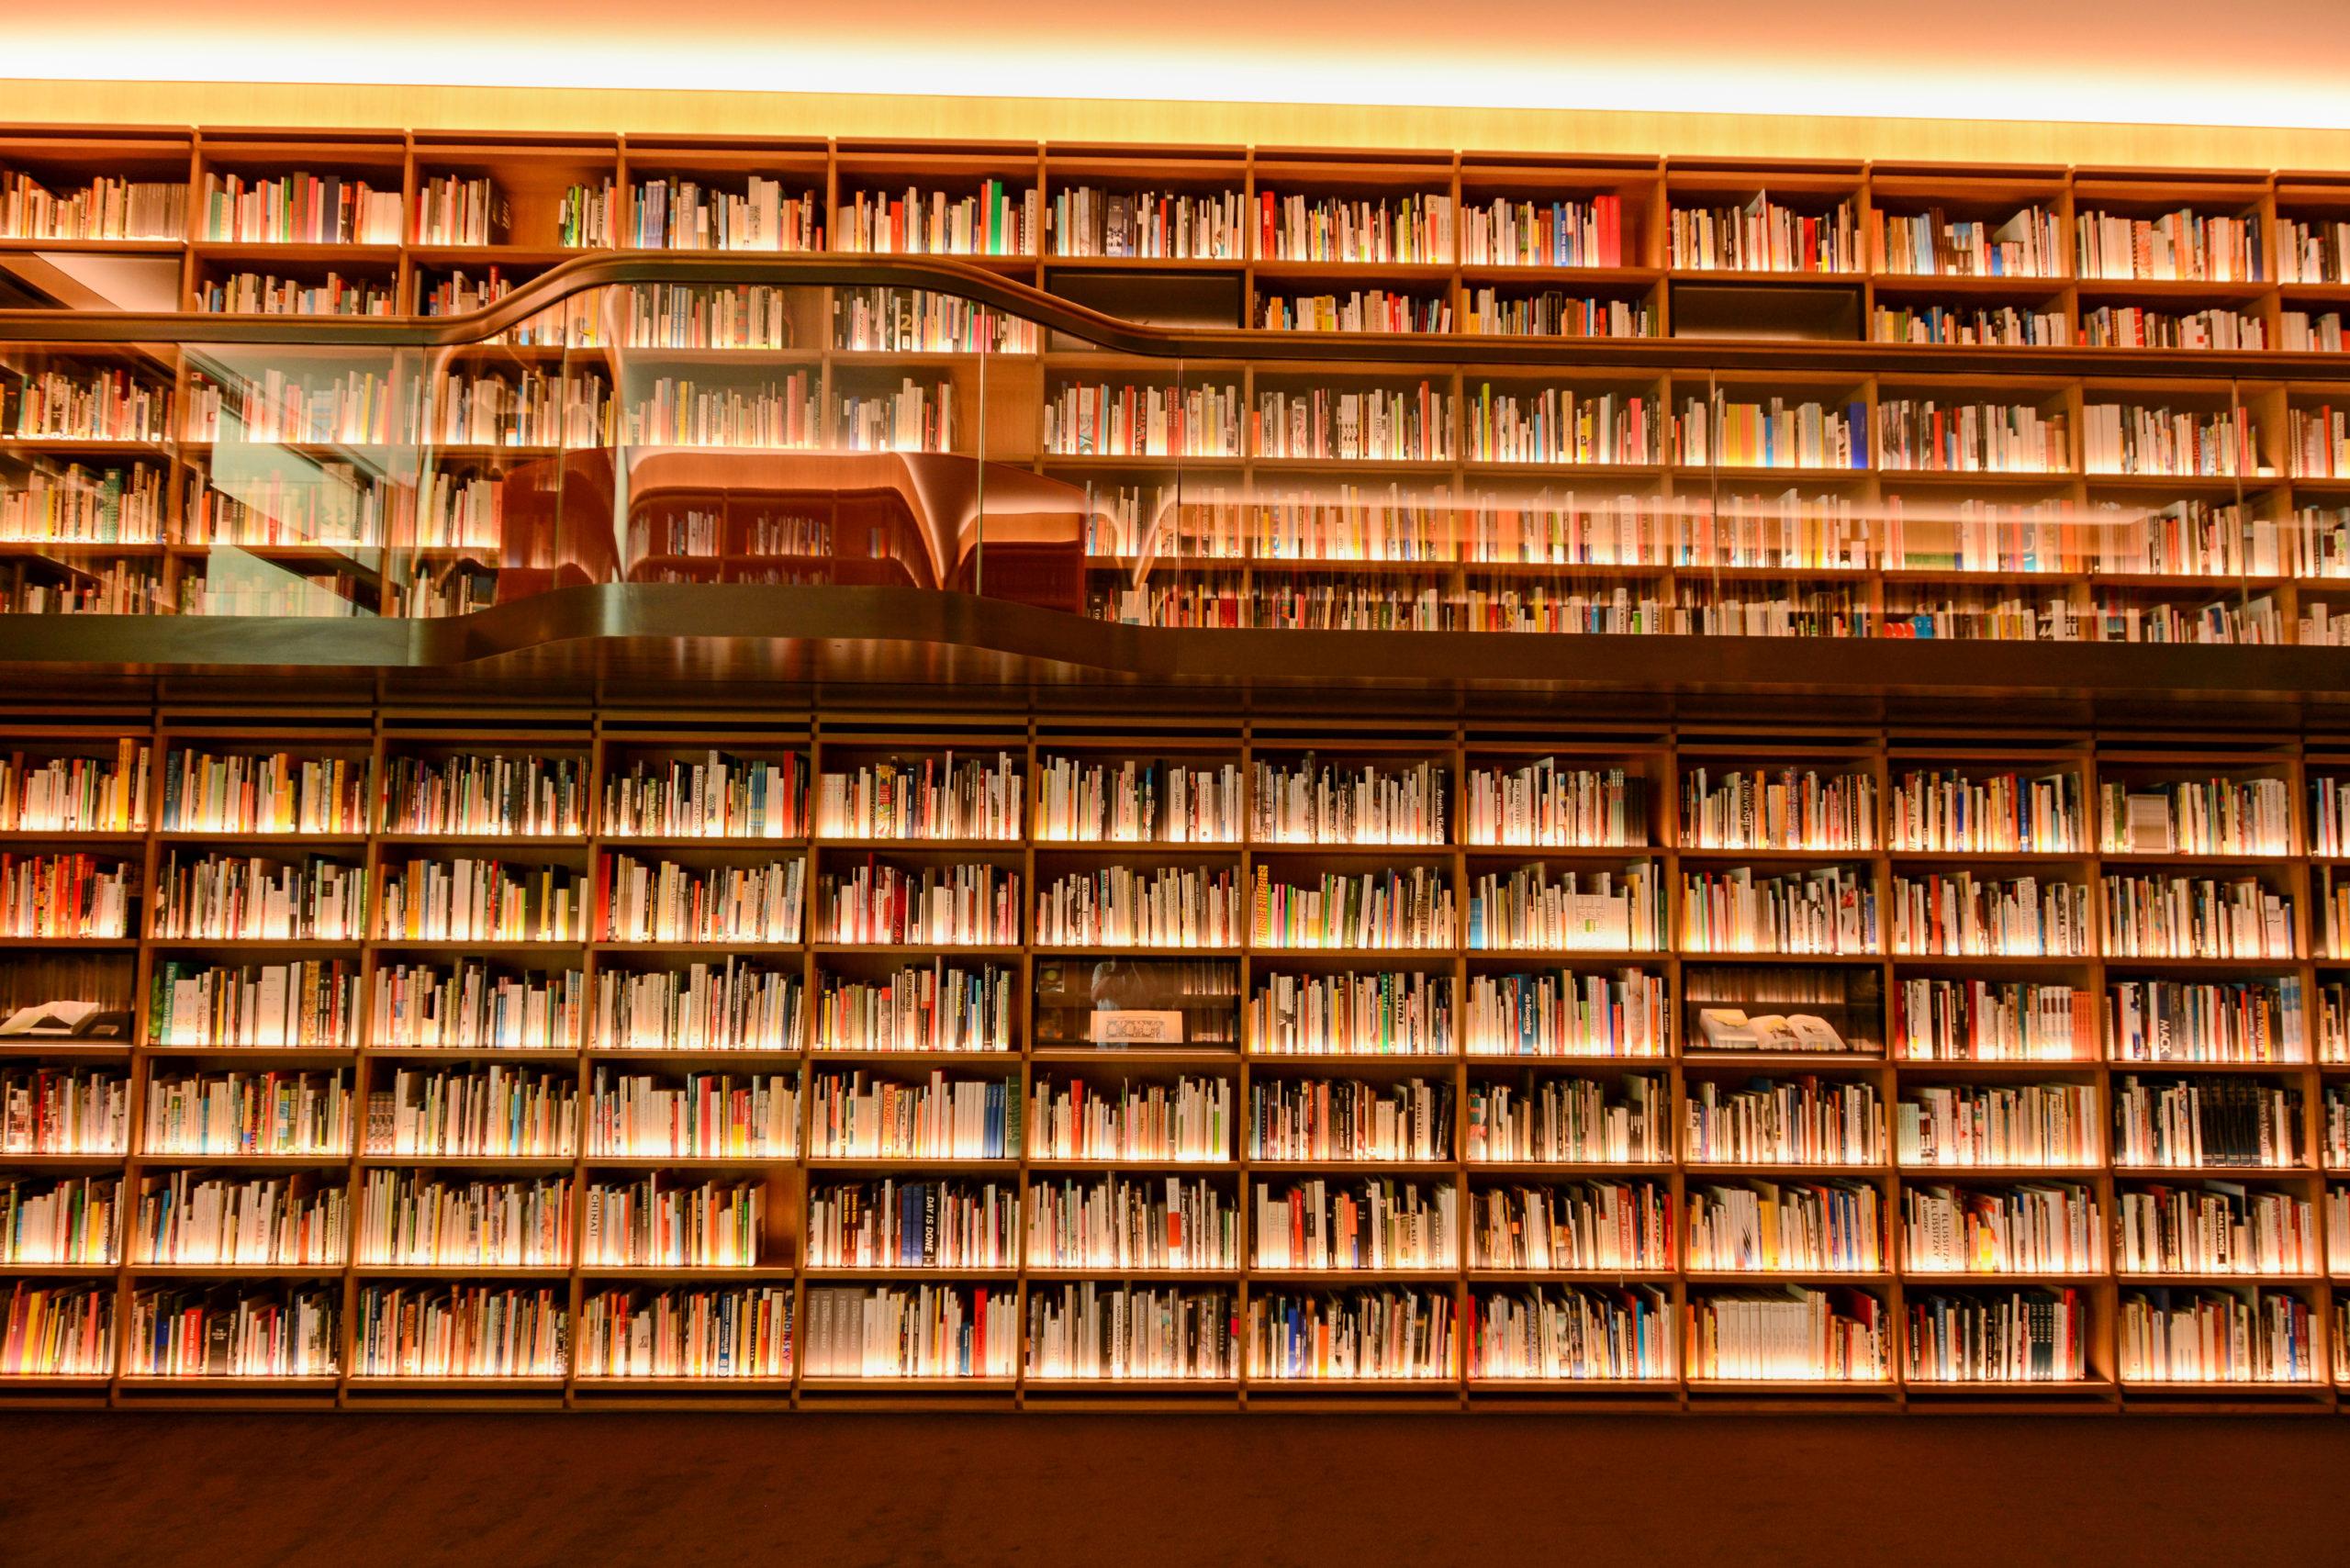 Die Bibliotheek des Museums Voorlinden von Architekt Dirk Jan Postels.